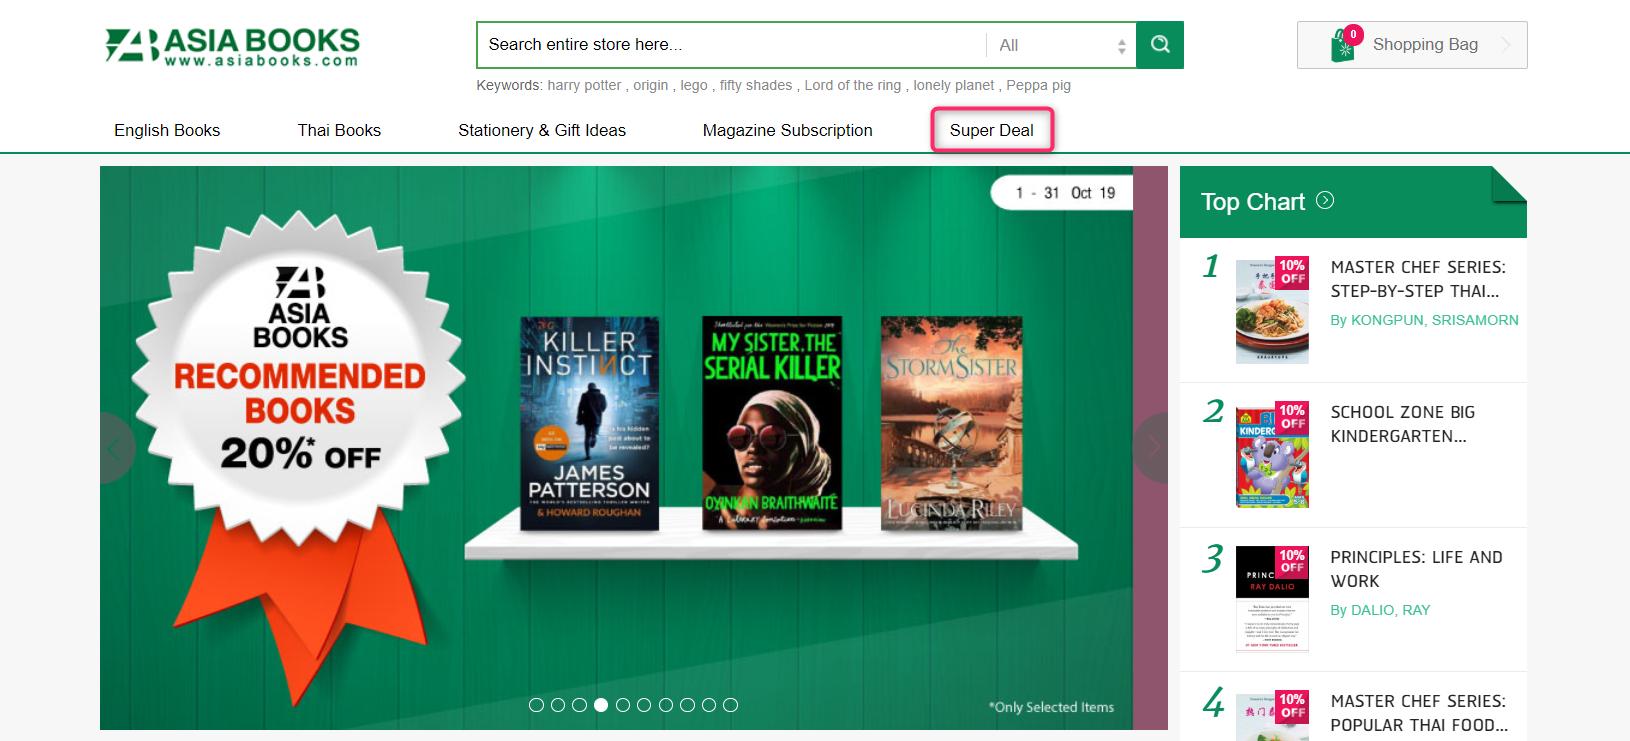 asia books web